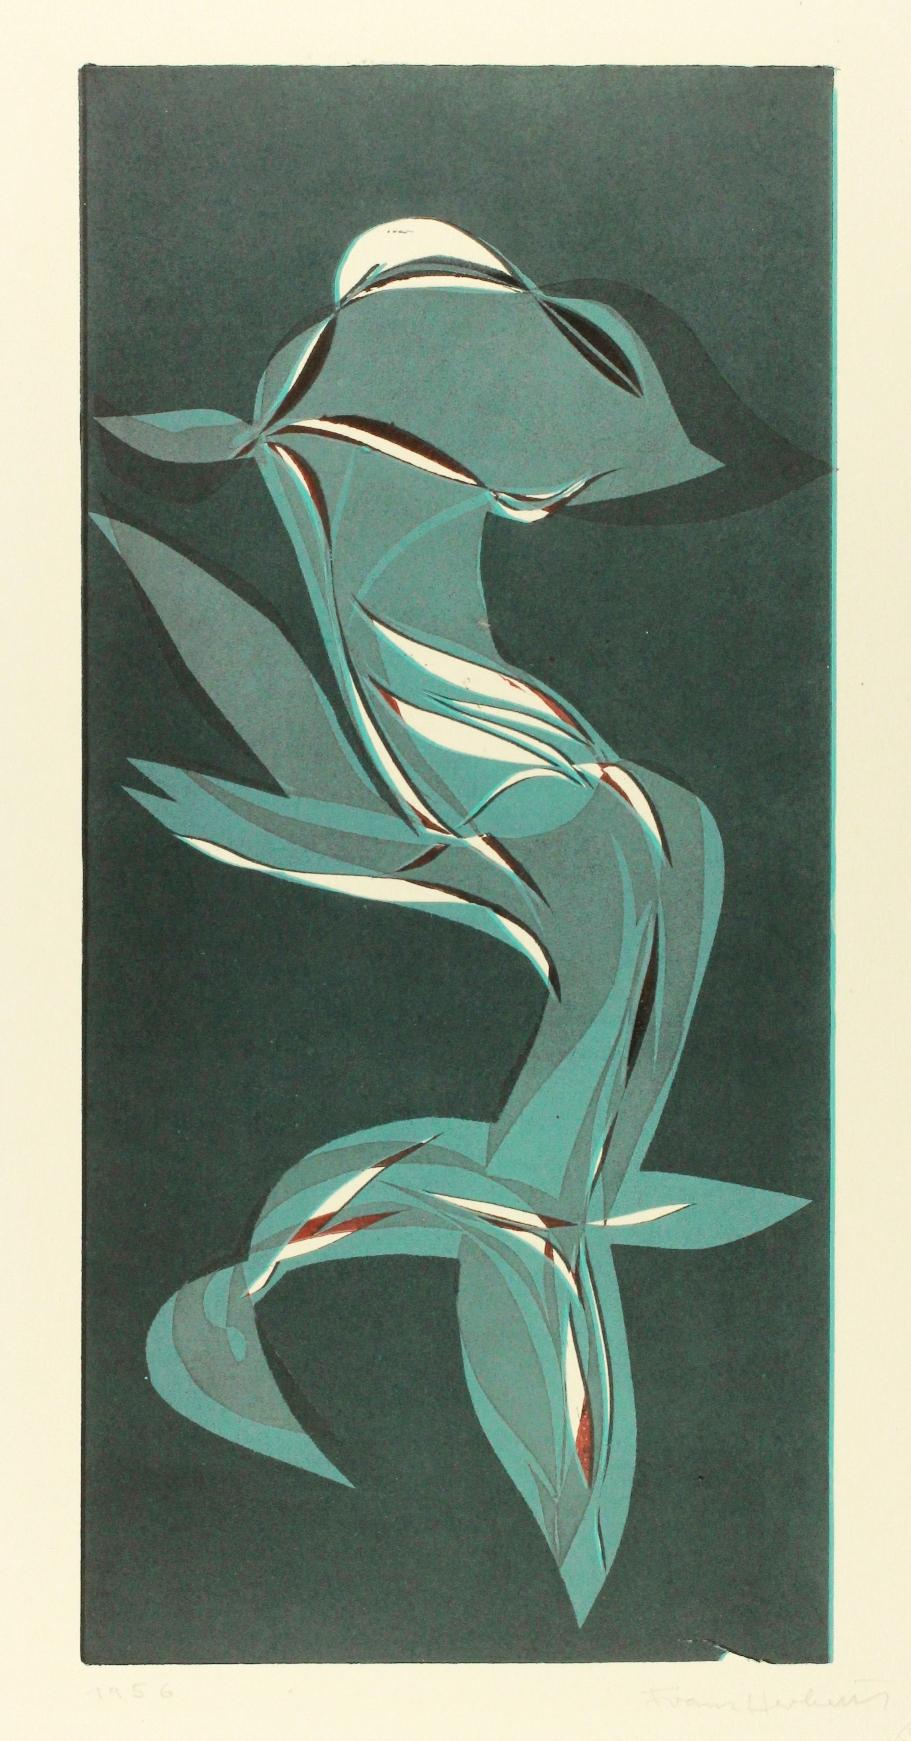 1956-4.2-5 by Franz Herberth